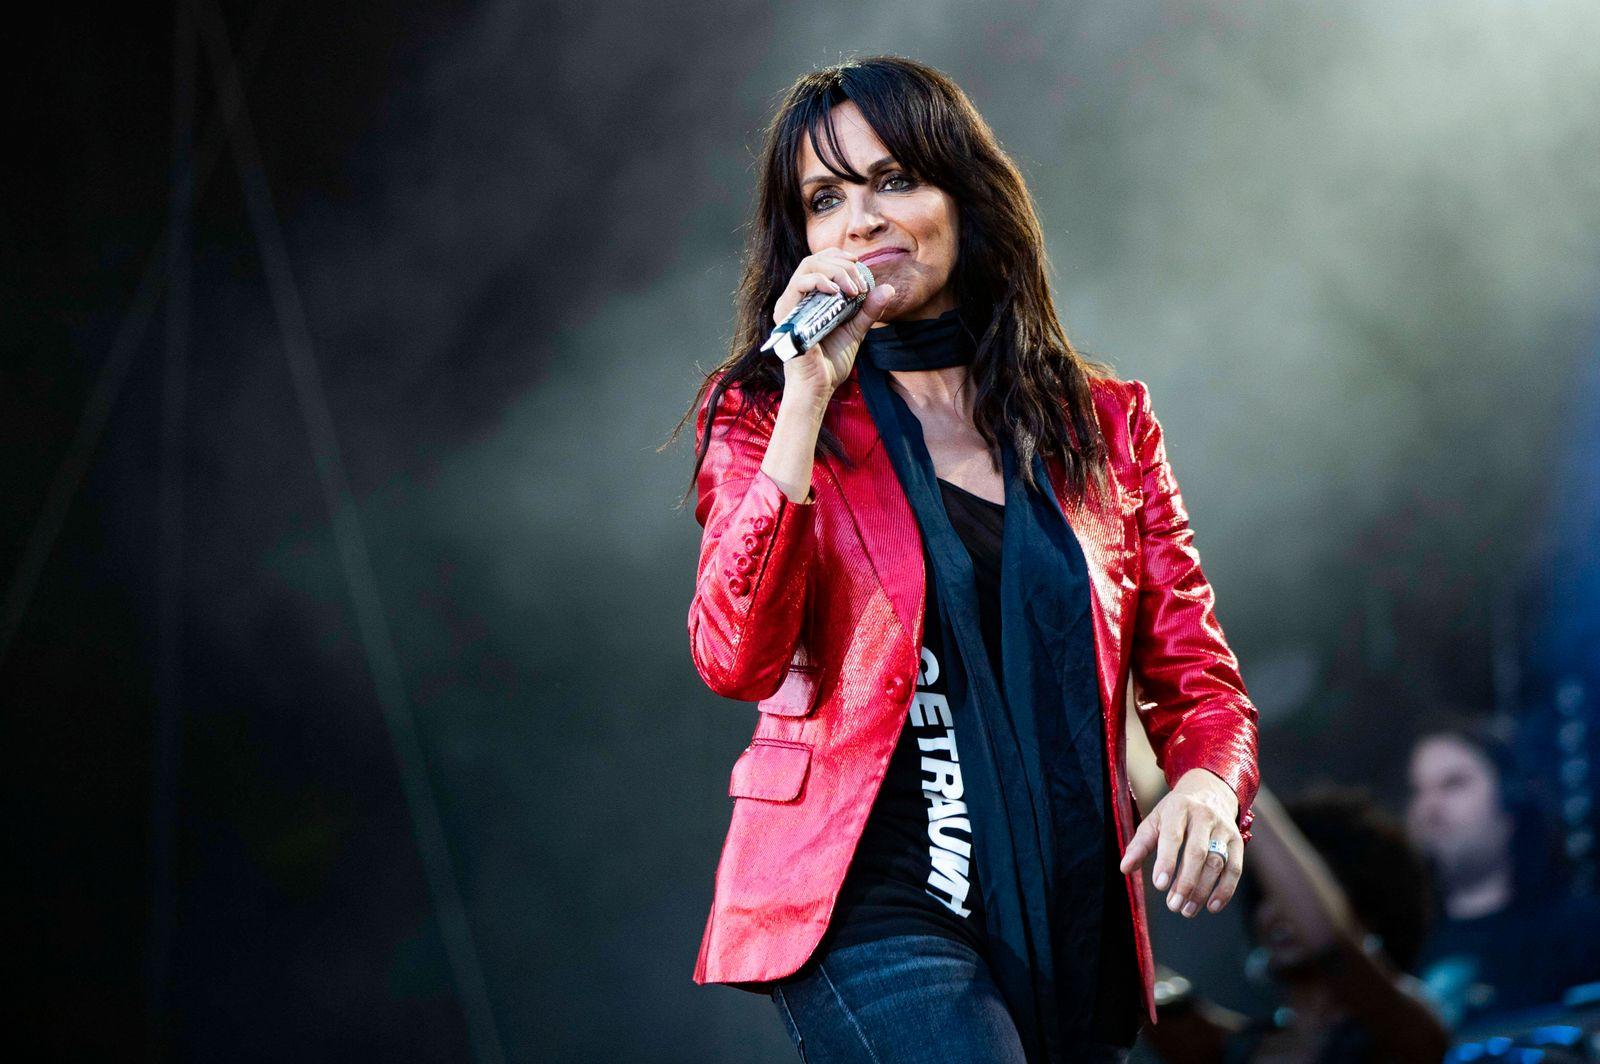 Nena live beim Sommer Open Air Picknickdecken Konzert im Steigerwaldstadion. Erfurt, 04.08.2020 *** Nena live at the su